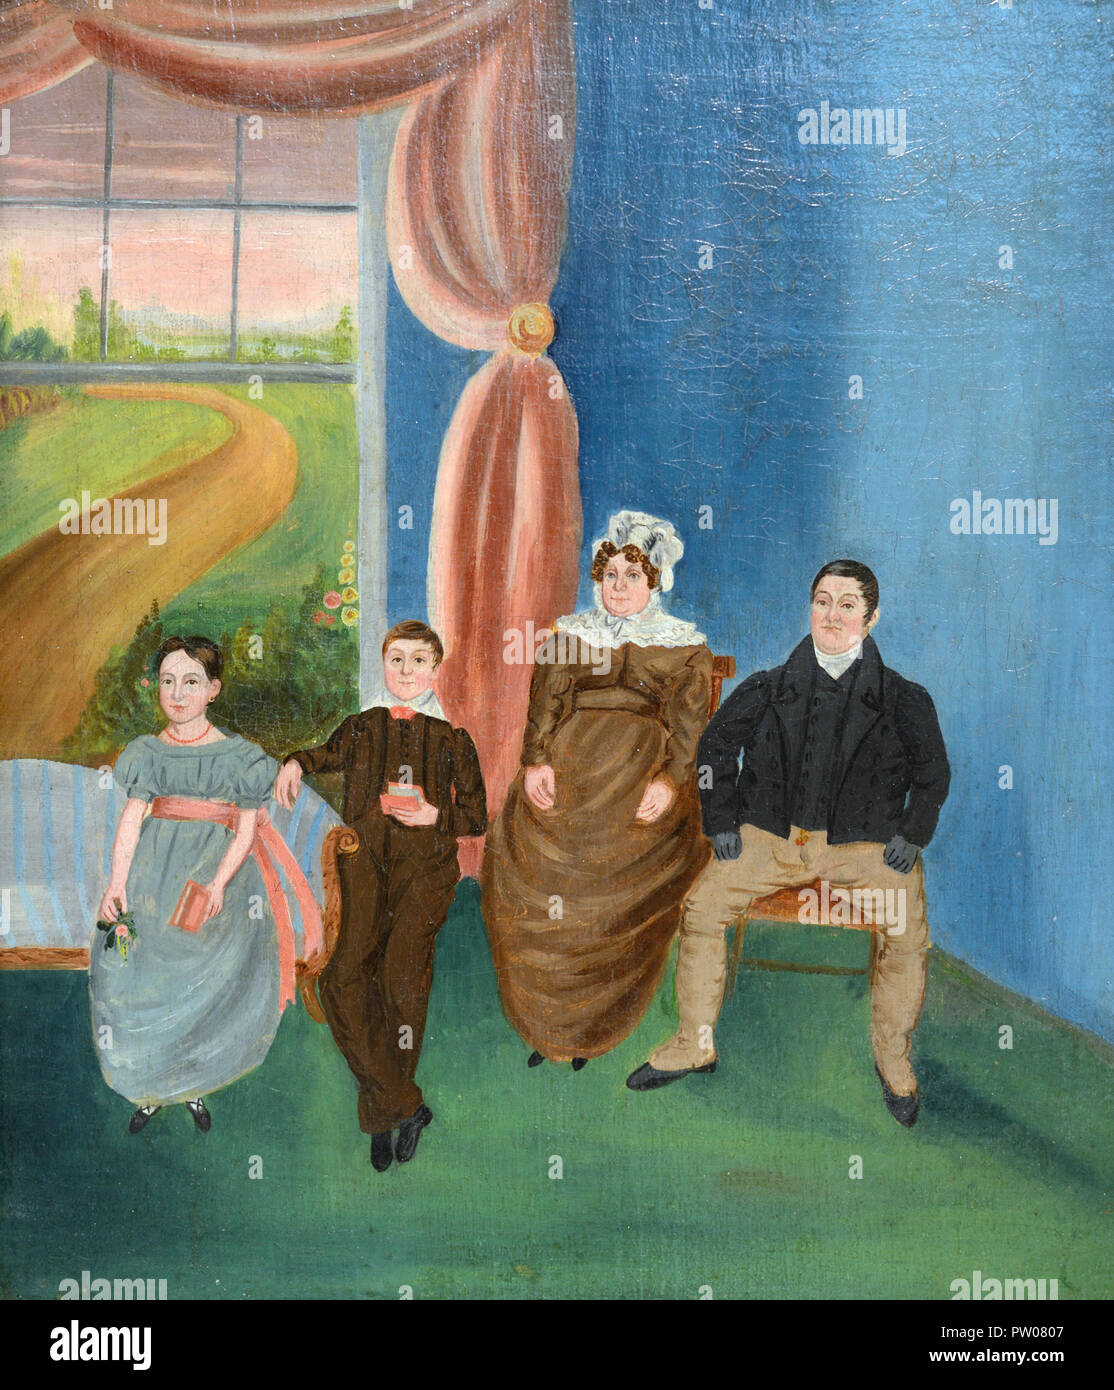 Il matrimonio o un matrimonio cerimonia a Gretna Green. Arte popolare il dipinto a olio su tela 1907 siglate A.B. Immagini Stock